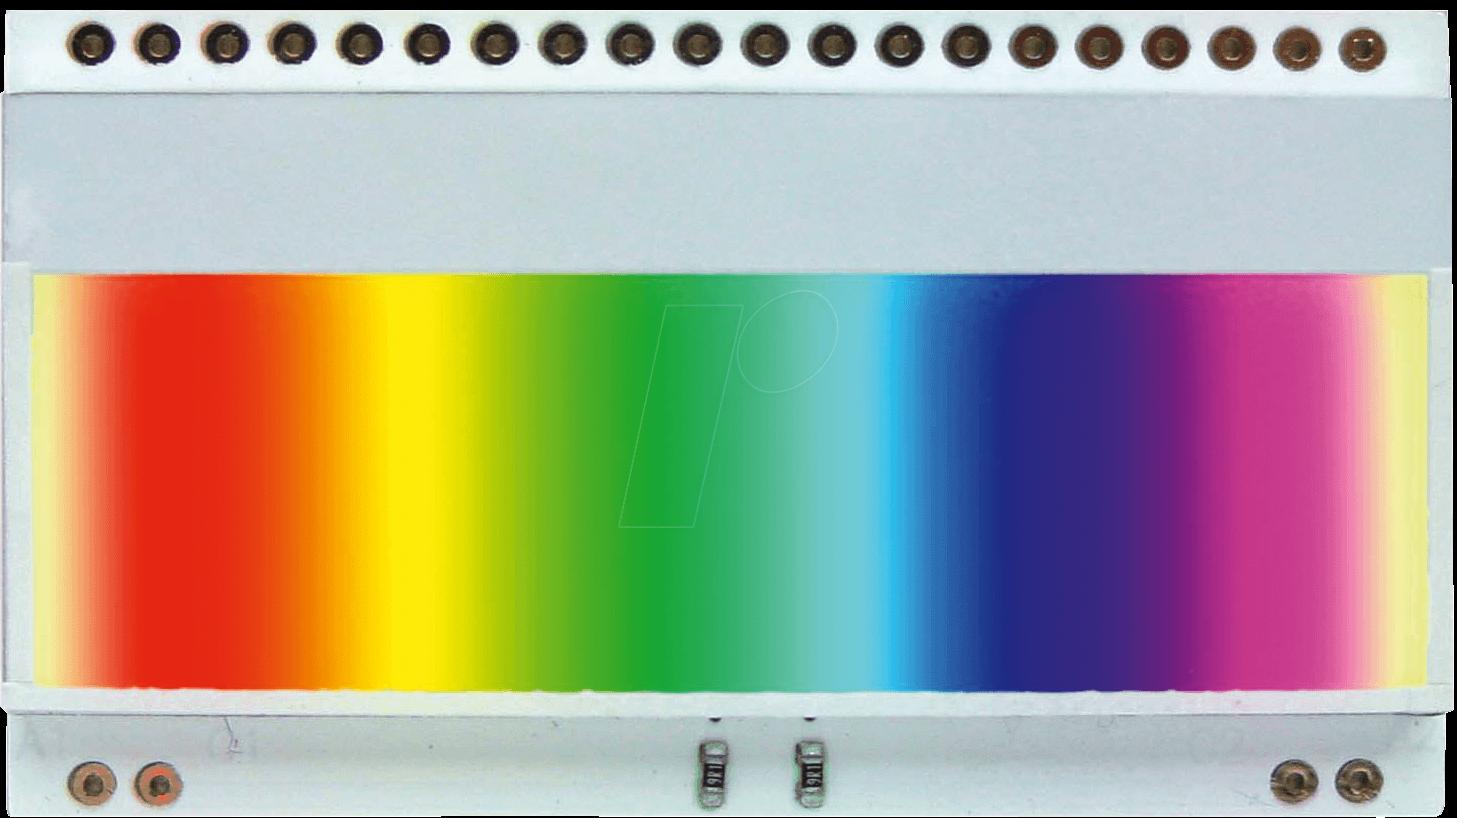 https://cdn-reichelt.de/bilder/web/xxl_ws/A500/EALED55X31-RGB.png